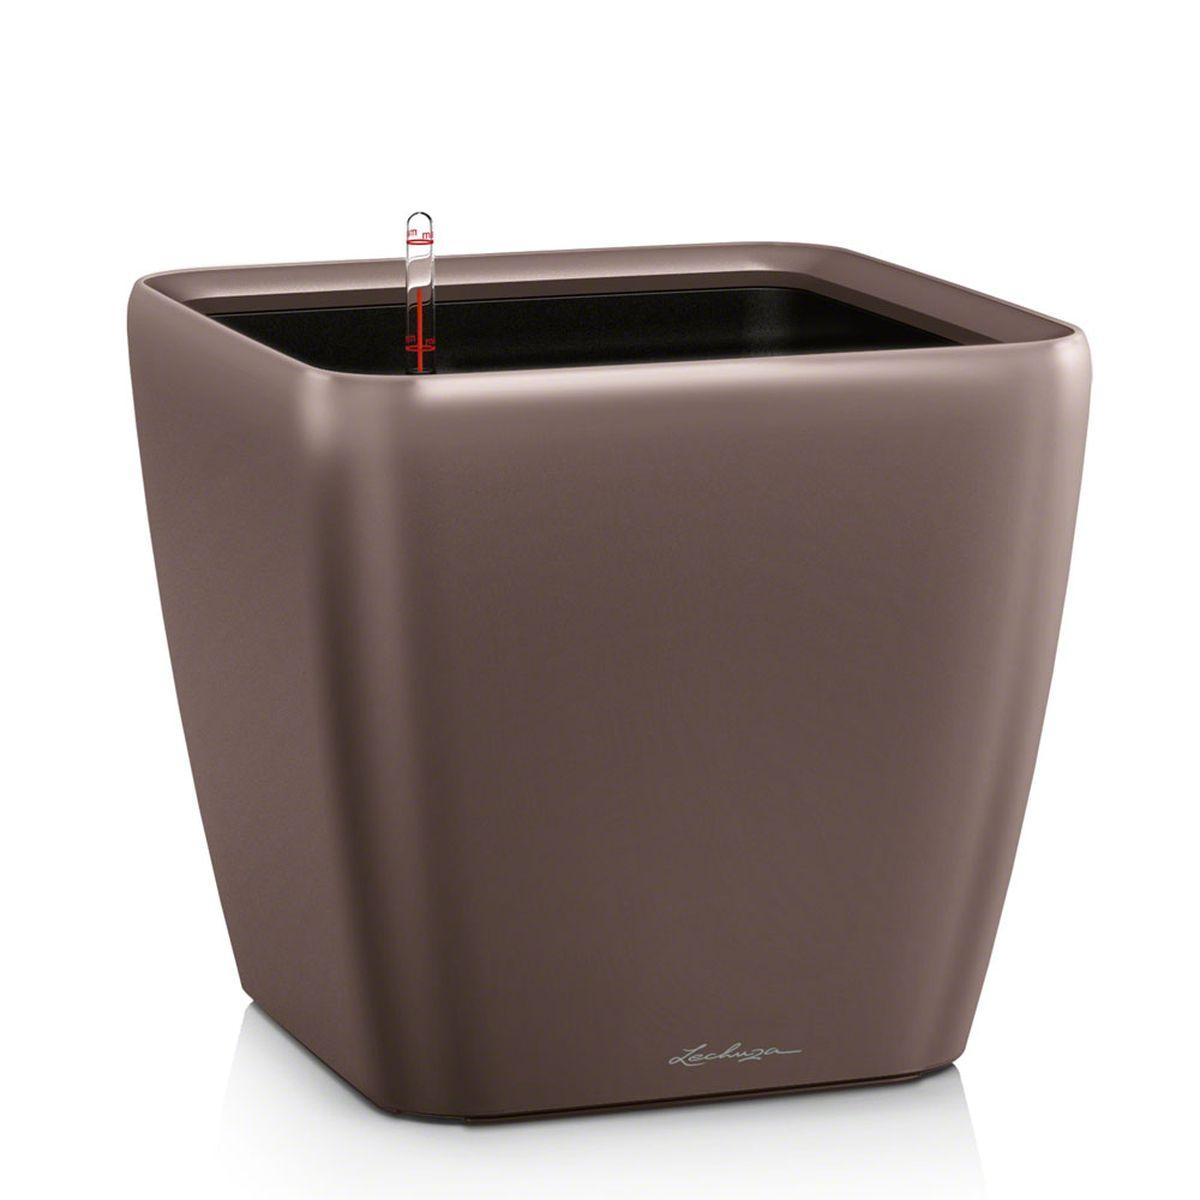 Кашпо Lechuza Quadro, с системой автополива, цвет: эспрессо, 21 х 21 х 20 см15612Кашпо Lechuza Quadro, выполненное извысококачественного пластика, имеет уникальную системуавтополива, благодаря которой корневая система растениянепрерывно снабжается влагой из резервуара. Уровень водыв резервуаре контролируется с помощью специальногоиндикатора. В зависимости от размера кашпо и растенияводы хватает на 2-12 недель. Это способствует хорошему ростуцветов и предотвращает переувлажнение. В набор входит: кашпо, внутренний горшок с выдвижнойэргономичной ручкой, индикатор уровня воды, вал подачиводы, субстрат растений в качестве дренажного слоя,резервуар для воды. Кашпо Lechuza Quadro прекрасно впишется в любойинтерьер. Оно поможет расставить нужные акценты, а такжепридаст помещению вид, соответствующий вашимпредставлениям.